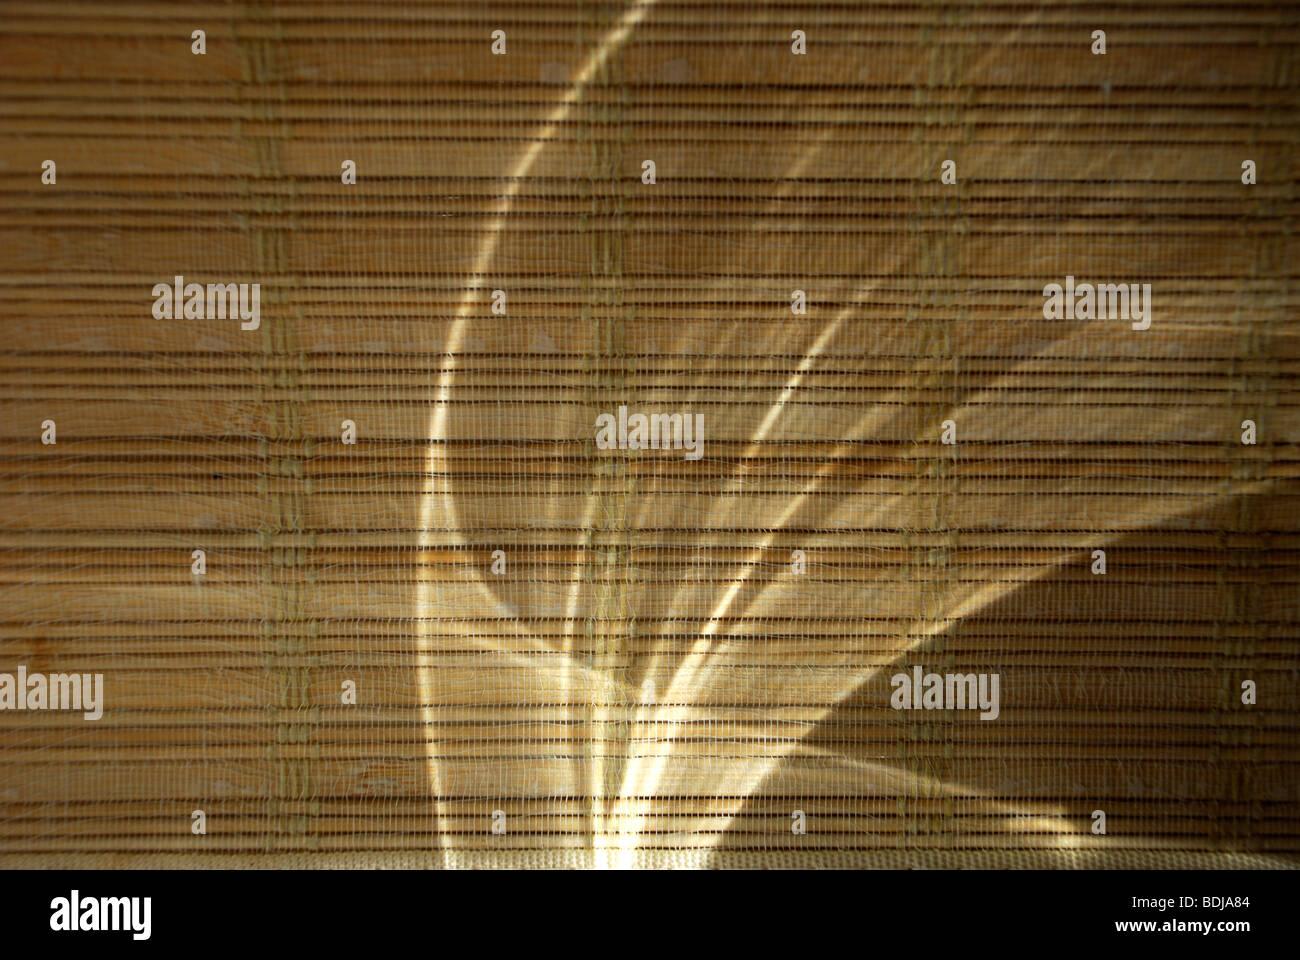 La luce riflette sulla tonalità di bambù Immagini Stock